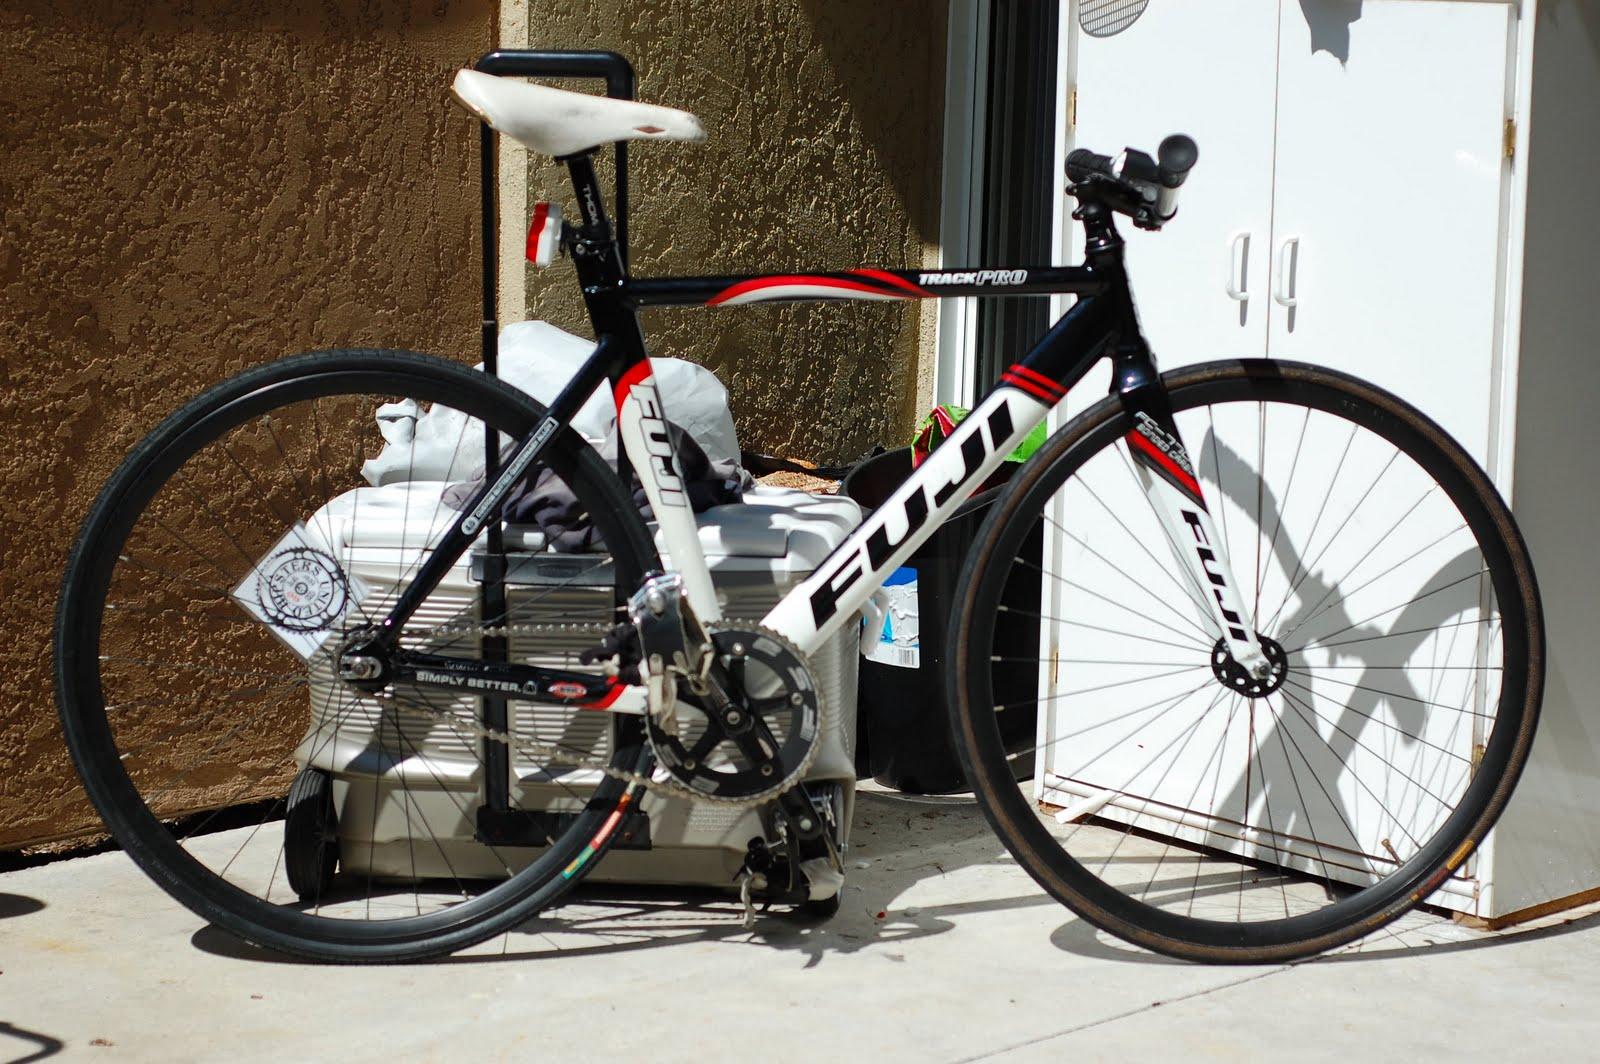 Luggedsteal: Bike Check: Fuji Track Pro